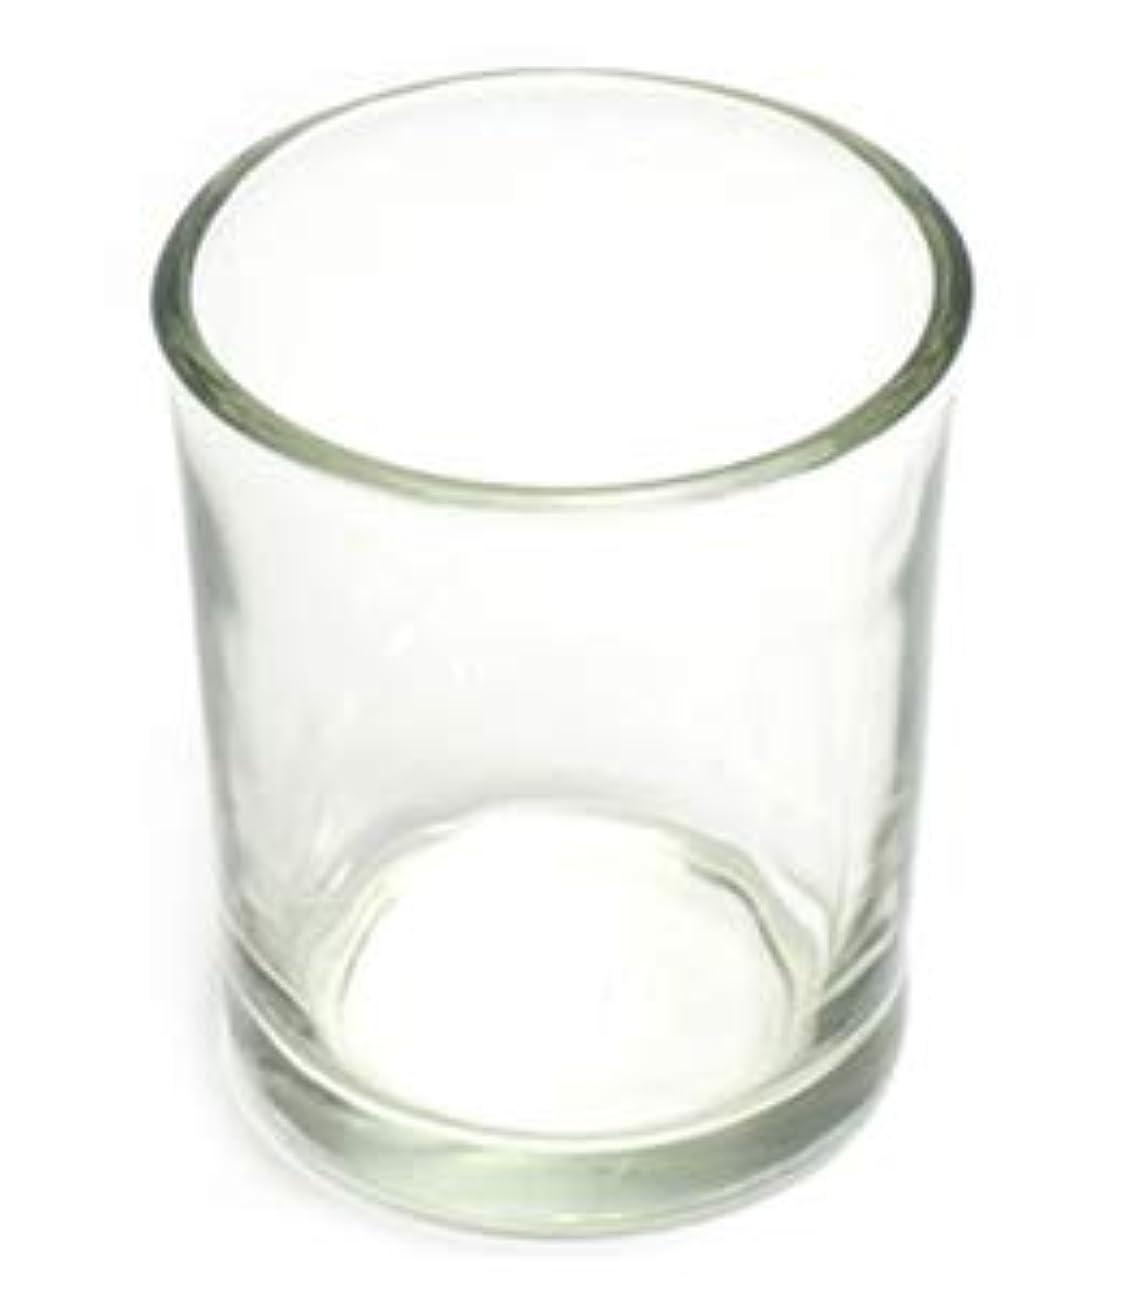 海港ナビゲーションスープキャンドルホルダー ガラス シンプル[小] 192個【キャンドルスタンド 透明 クリア おしゃれ ろうそく立て】